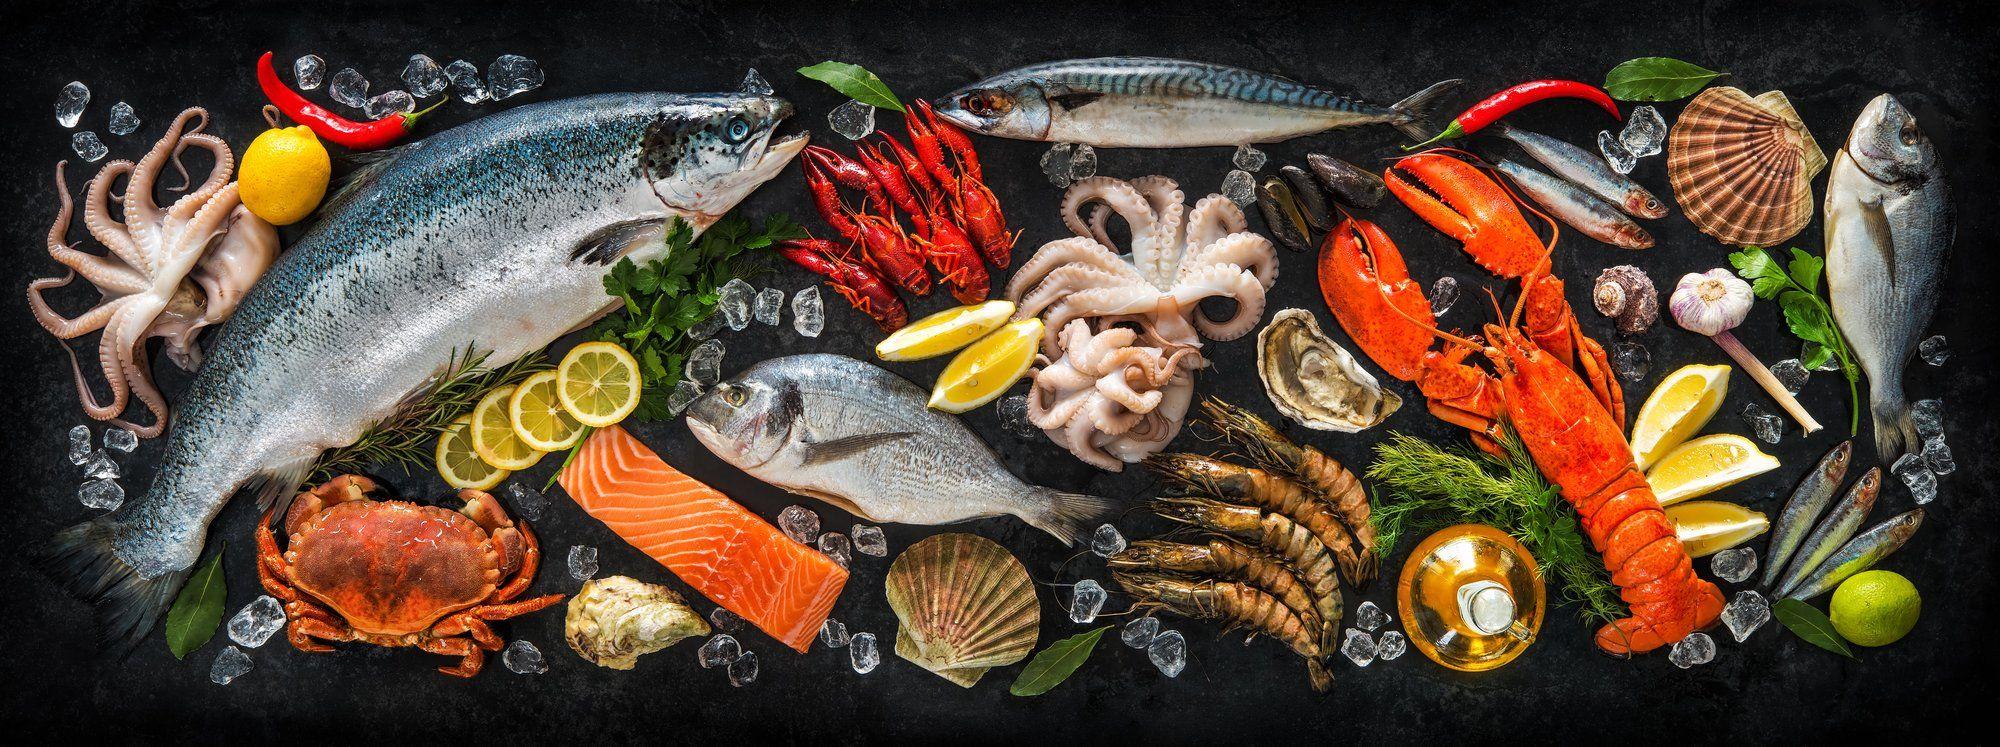 Fish.qa القطرية تغلق جولة تمويلها البذرية بقيادة 360nautica